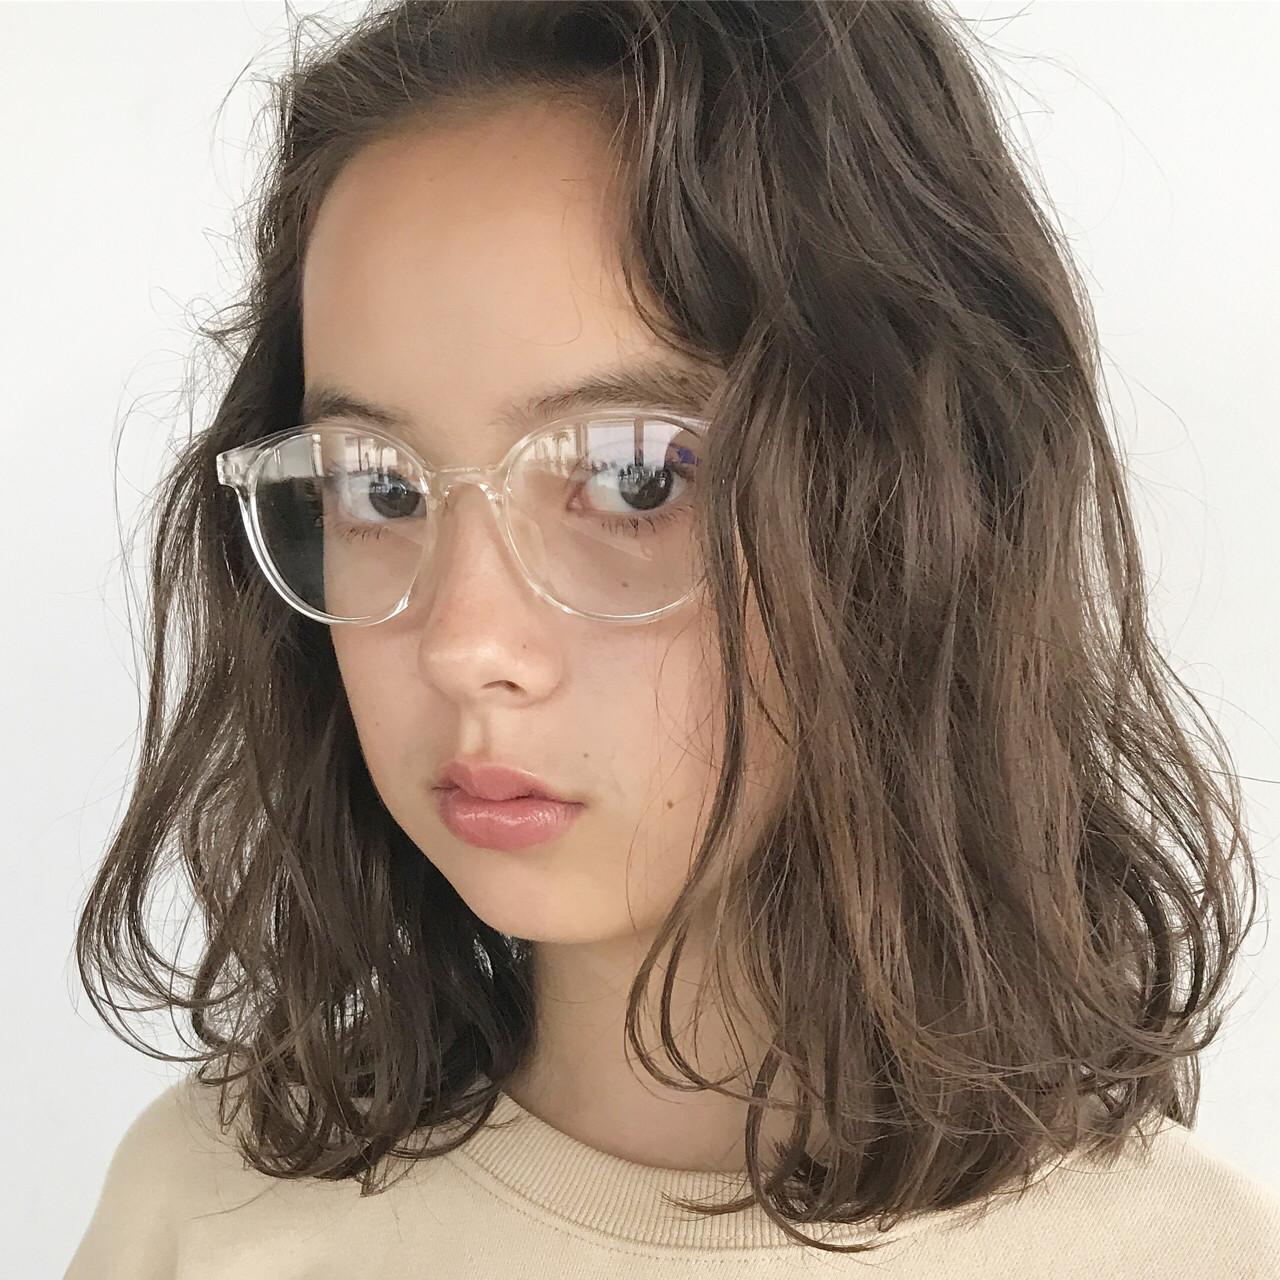 ミディアム ベージュ ナチュラル パーマ ヘアスタイルや髪型の写真・画像 | 高橋 忍 / nanuk渋谷店(ナヌーク)